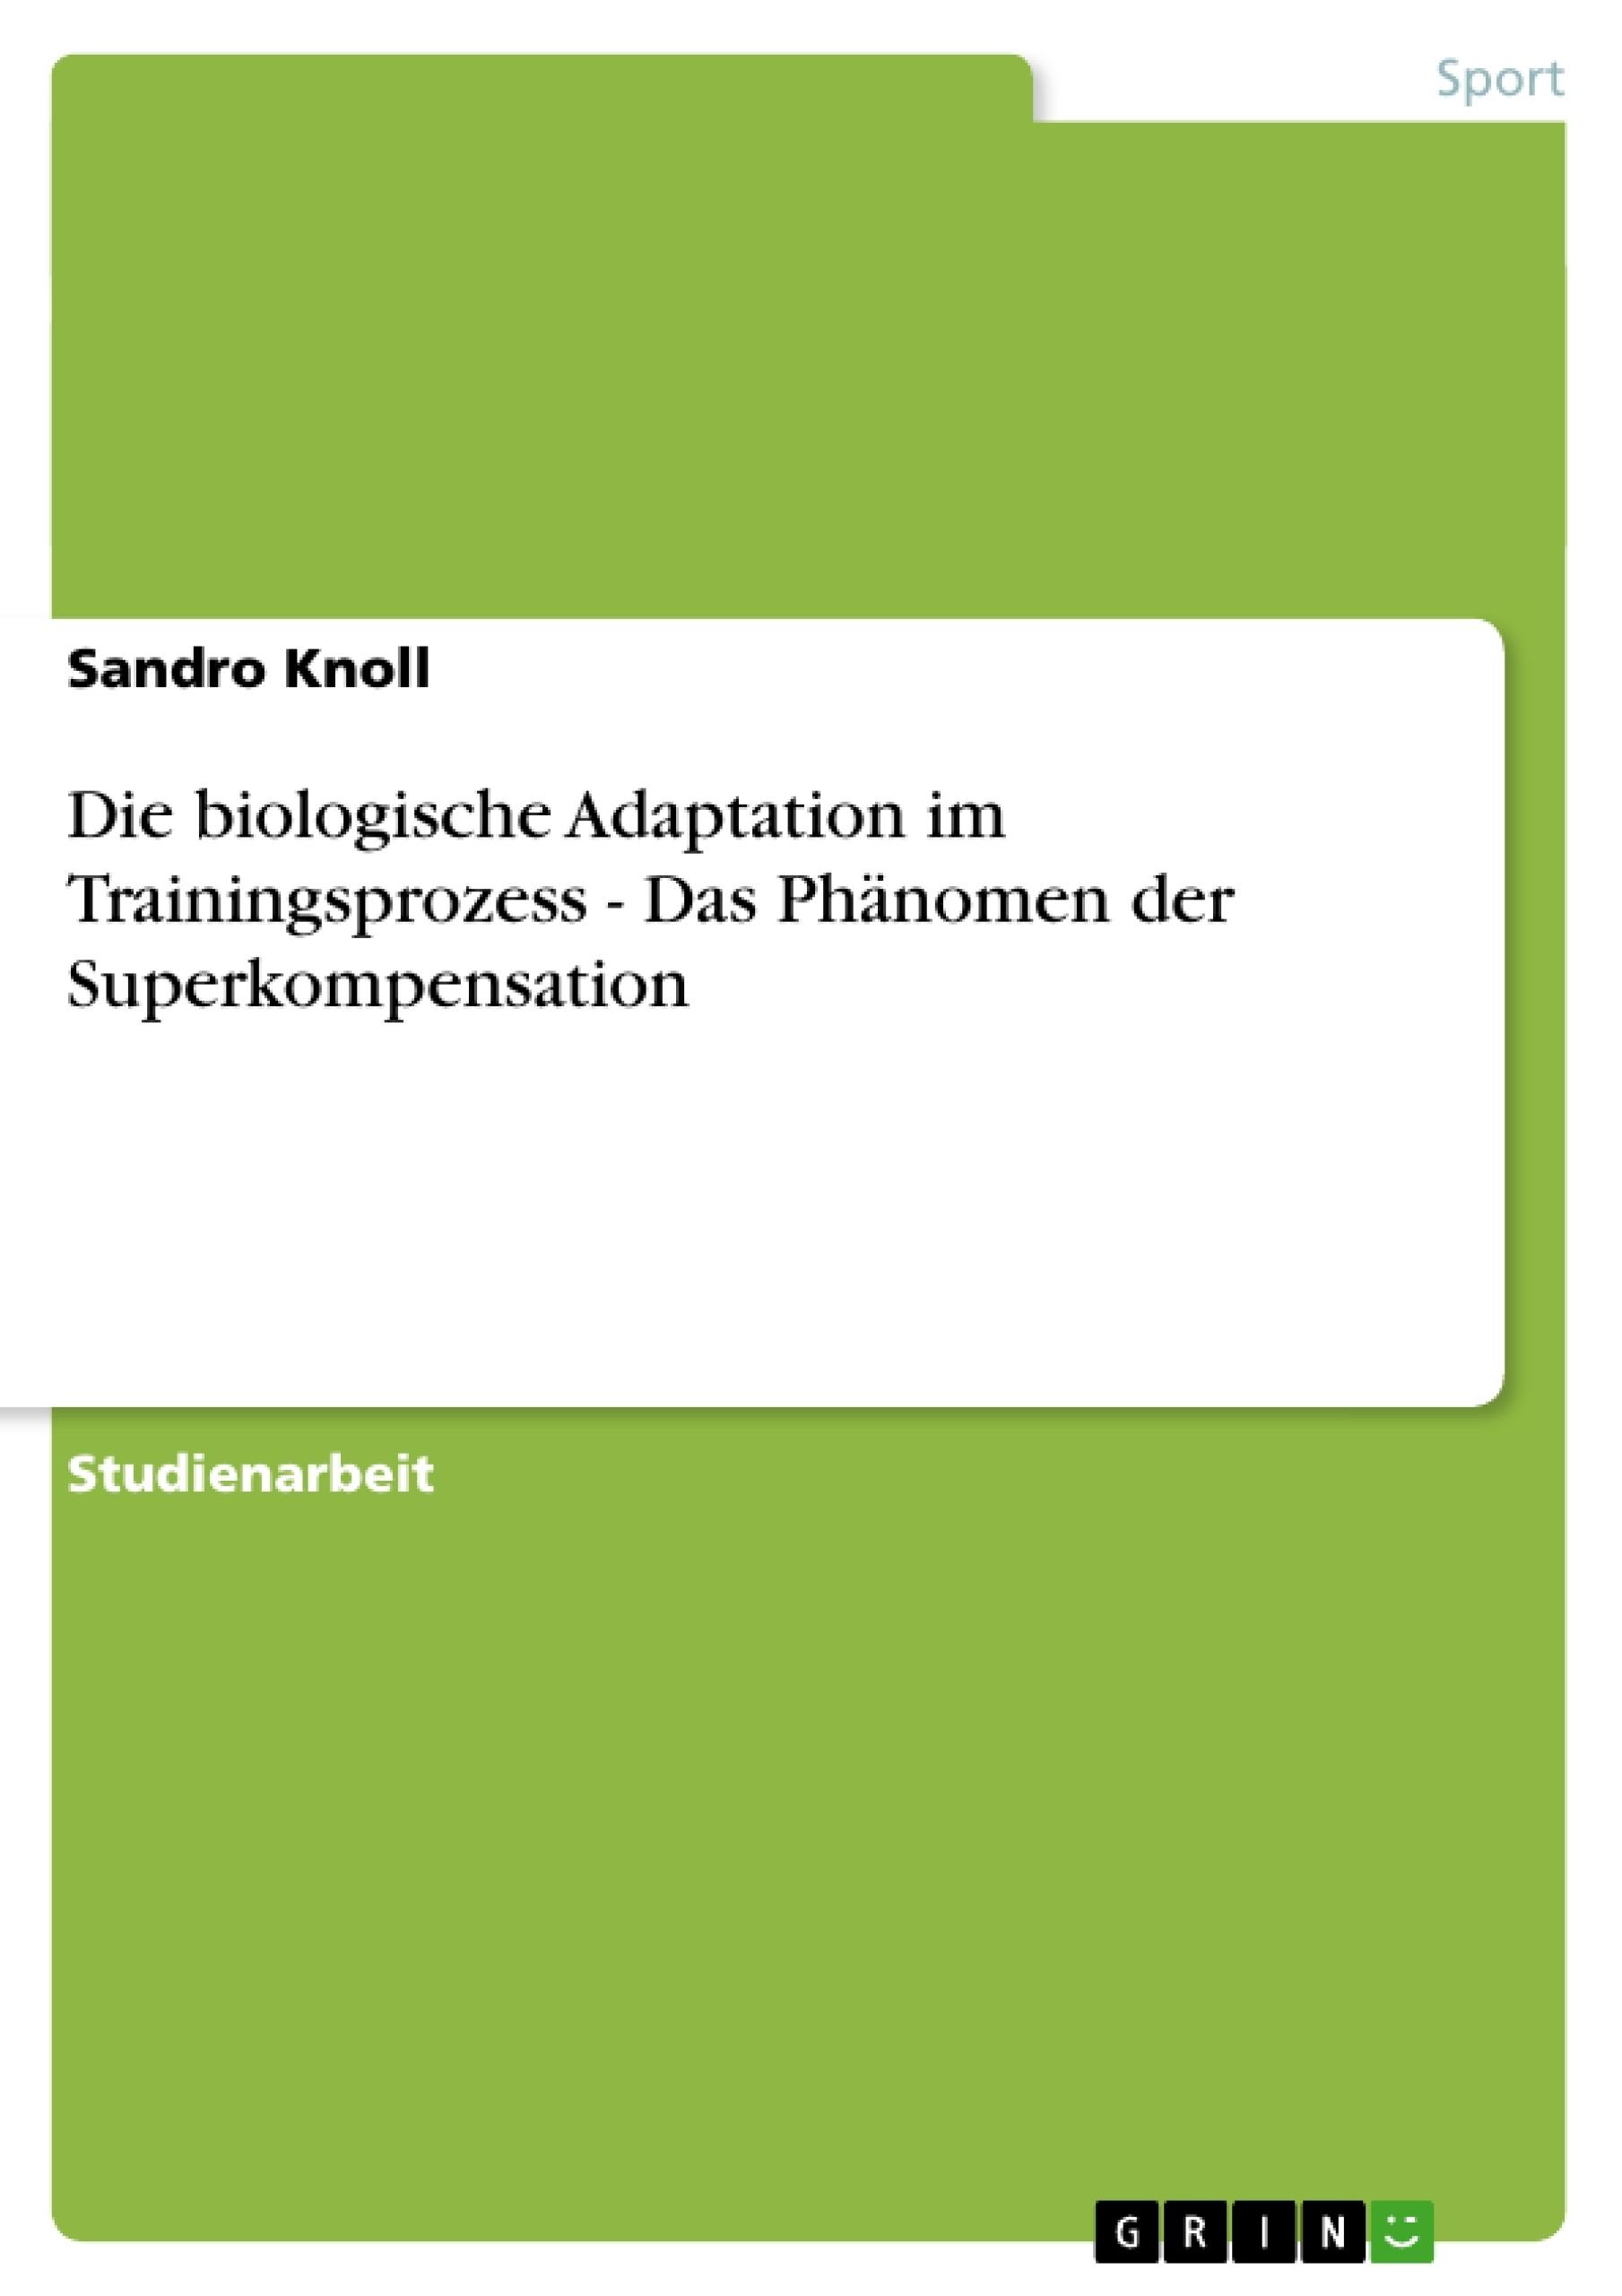 Titel: Die biologische Adaptation im Trainingsprozess - Das Phänomen der Superkompensation